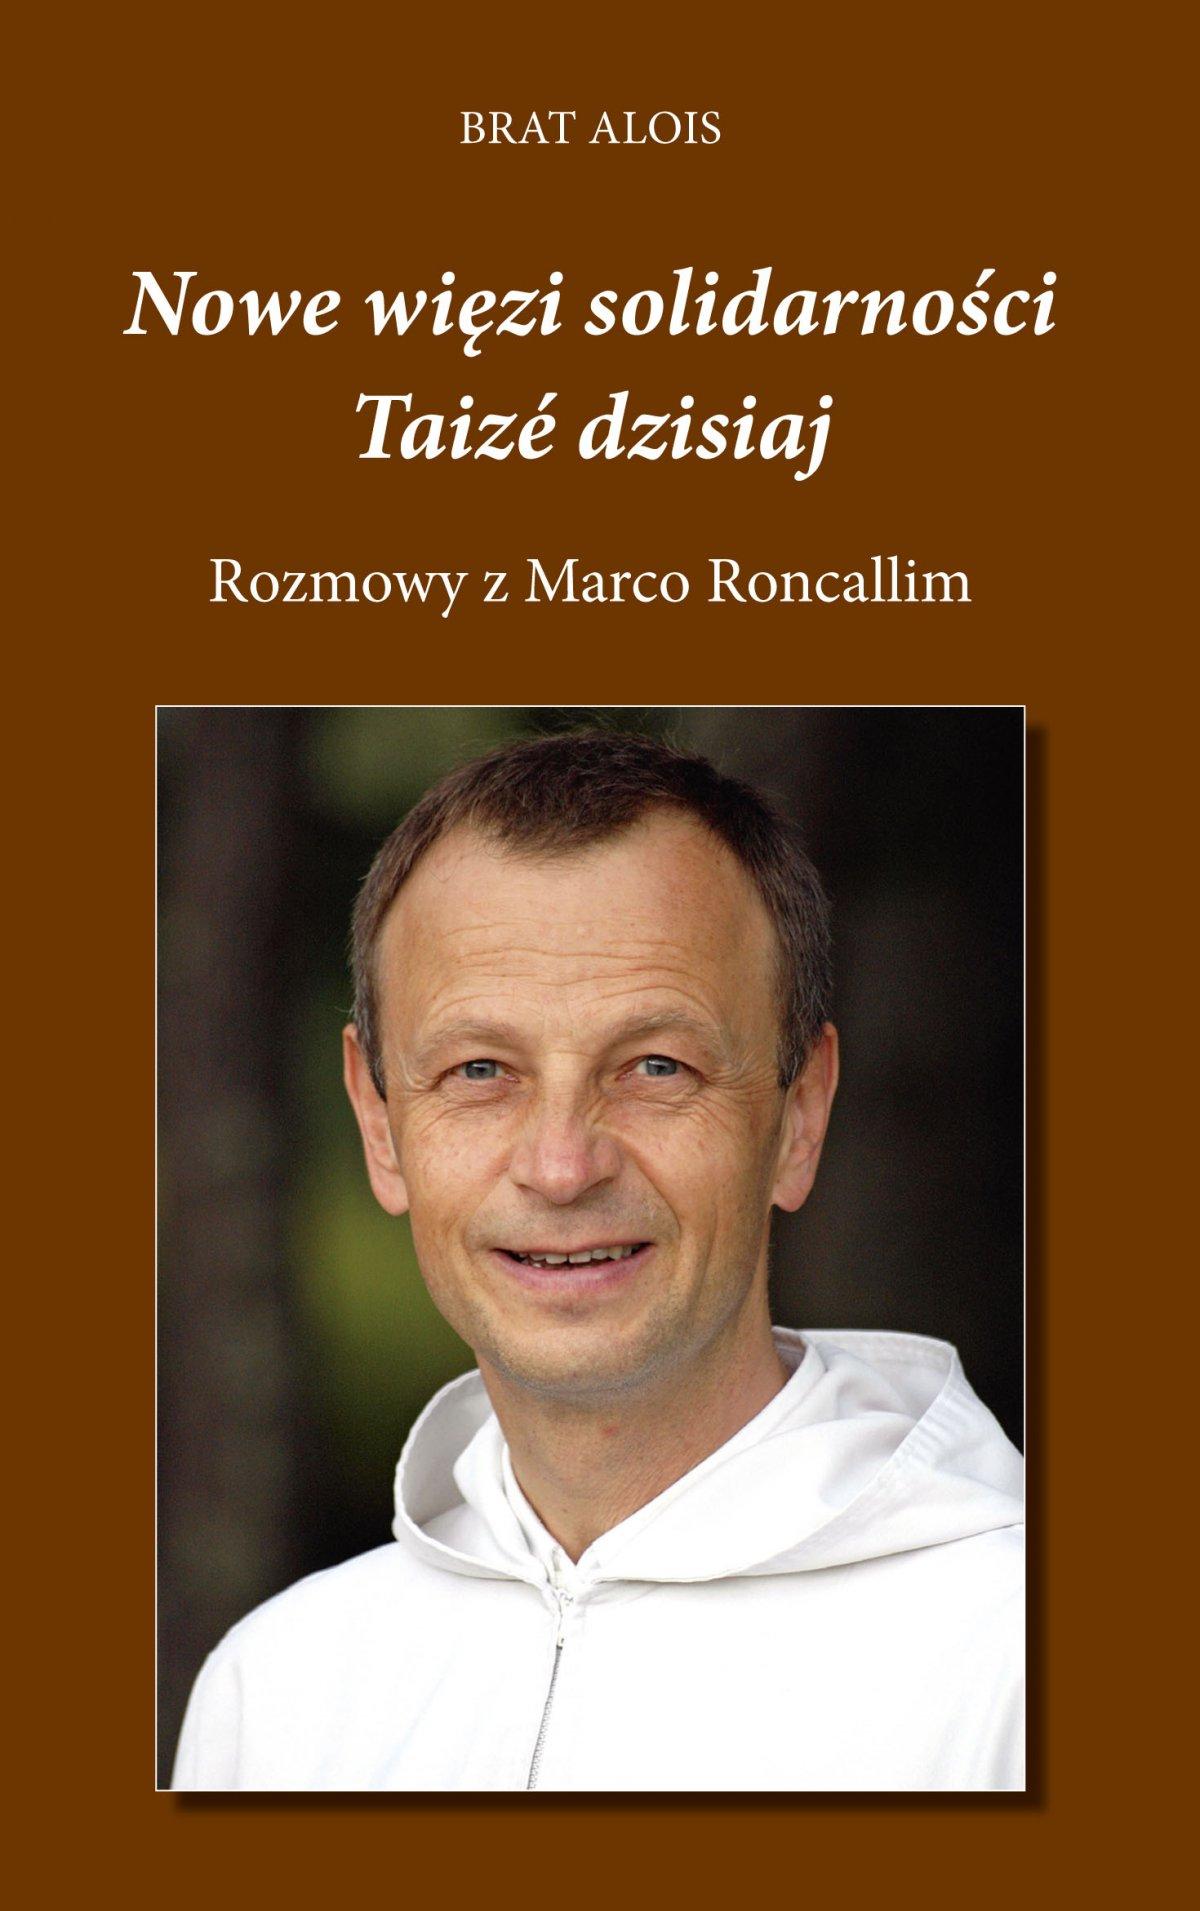 Nowe więzi solidarności. Taizé dzisiaj. Rozmowy Marco Roncalliego z Bratem Aloisem - Ebook (Książka na Kindle) do pobrania w formacie MOBI